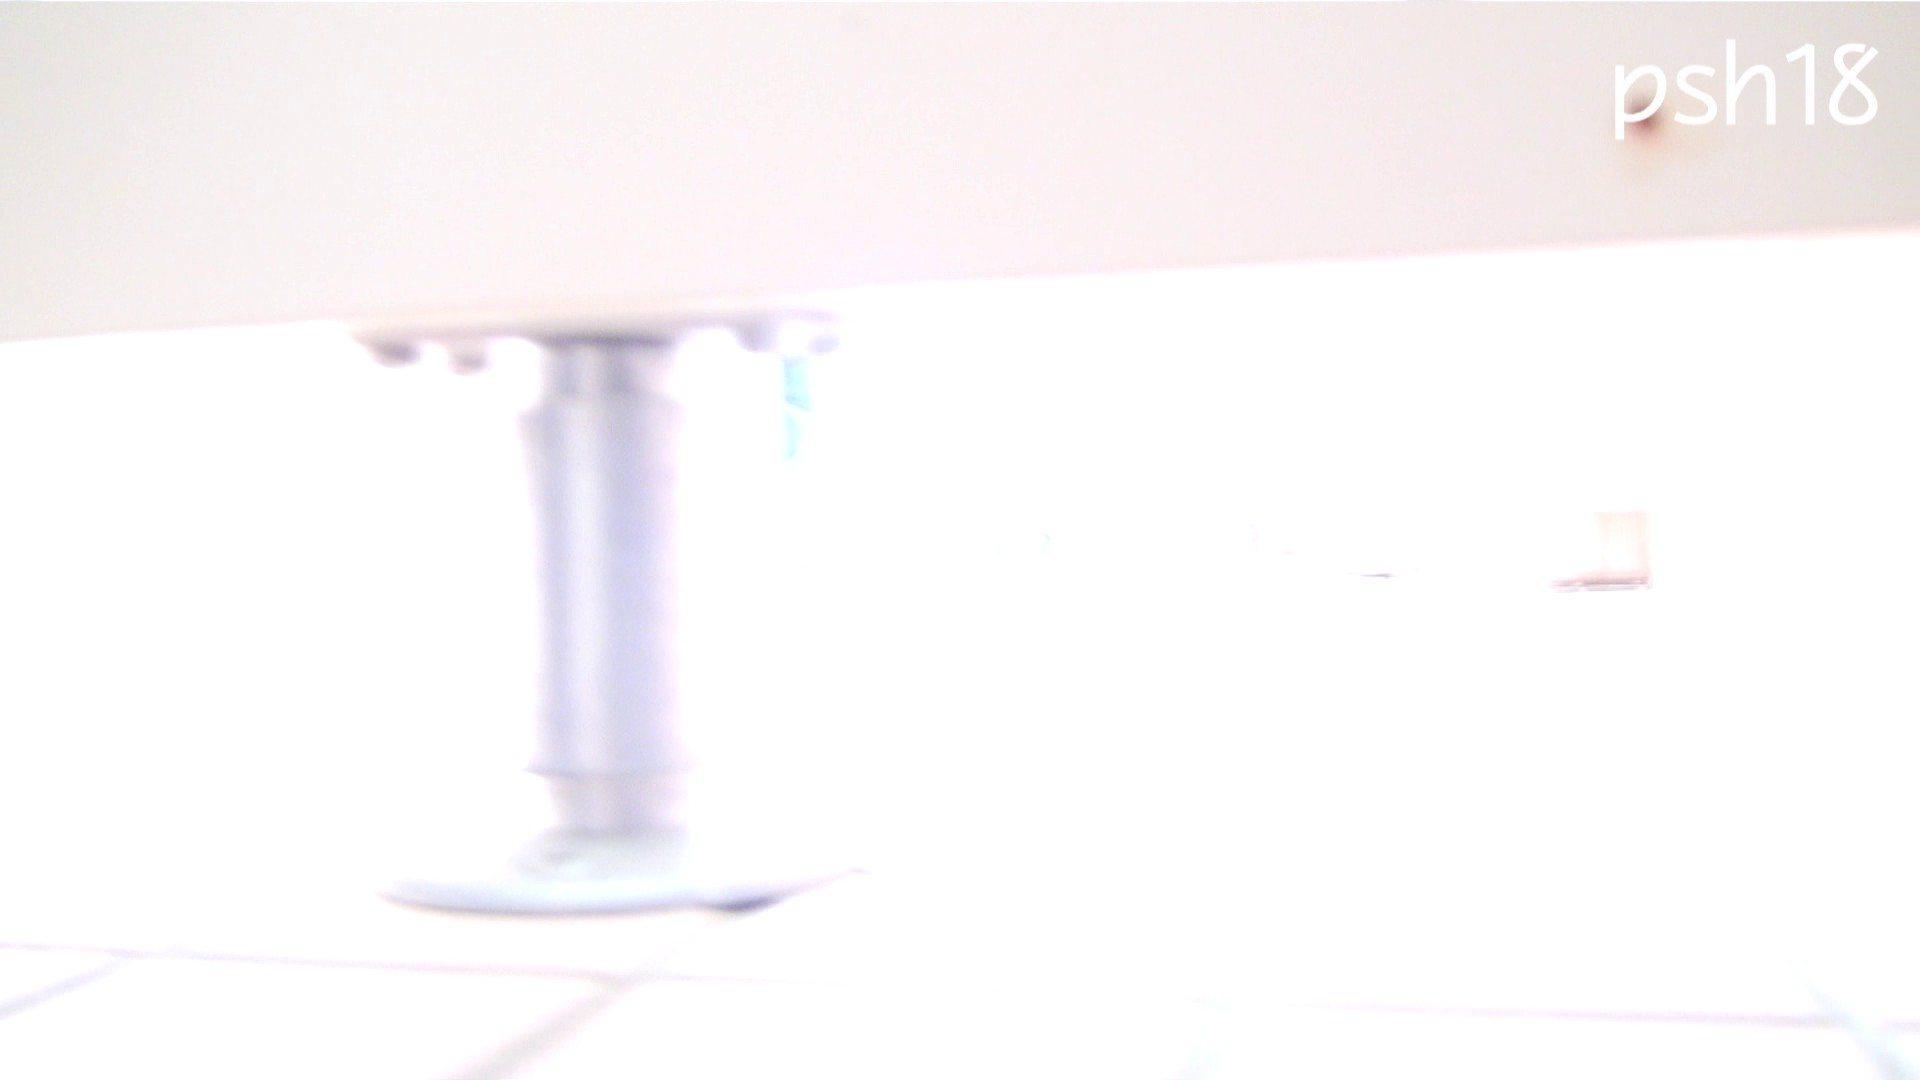 ▲復活限定▲ハイビジョン 盗神伝 Vol.18 高画質 AV無料動画キャプチャ 104枚 51